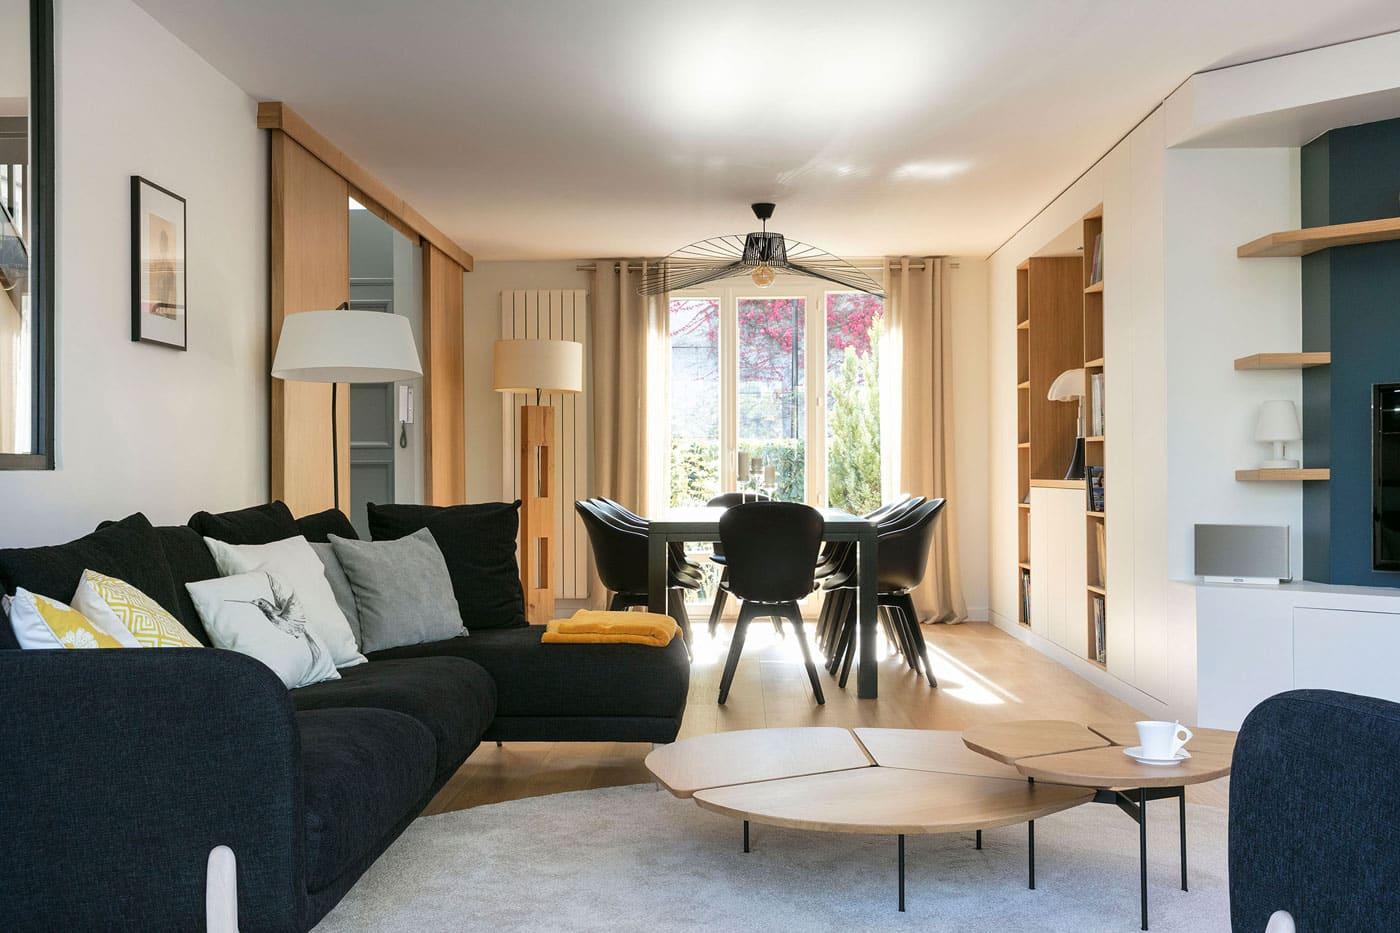 Maison design graphique - Versailles